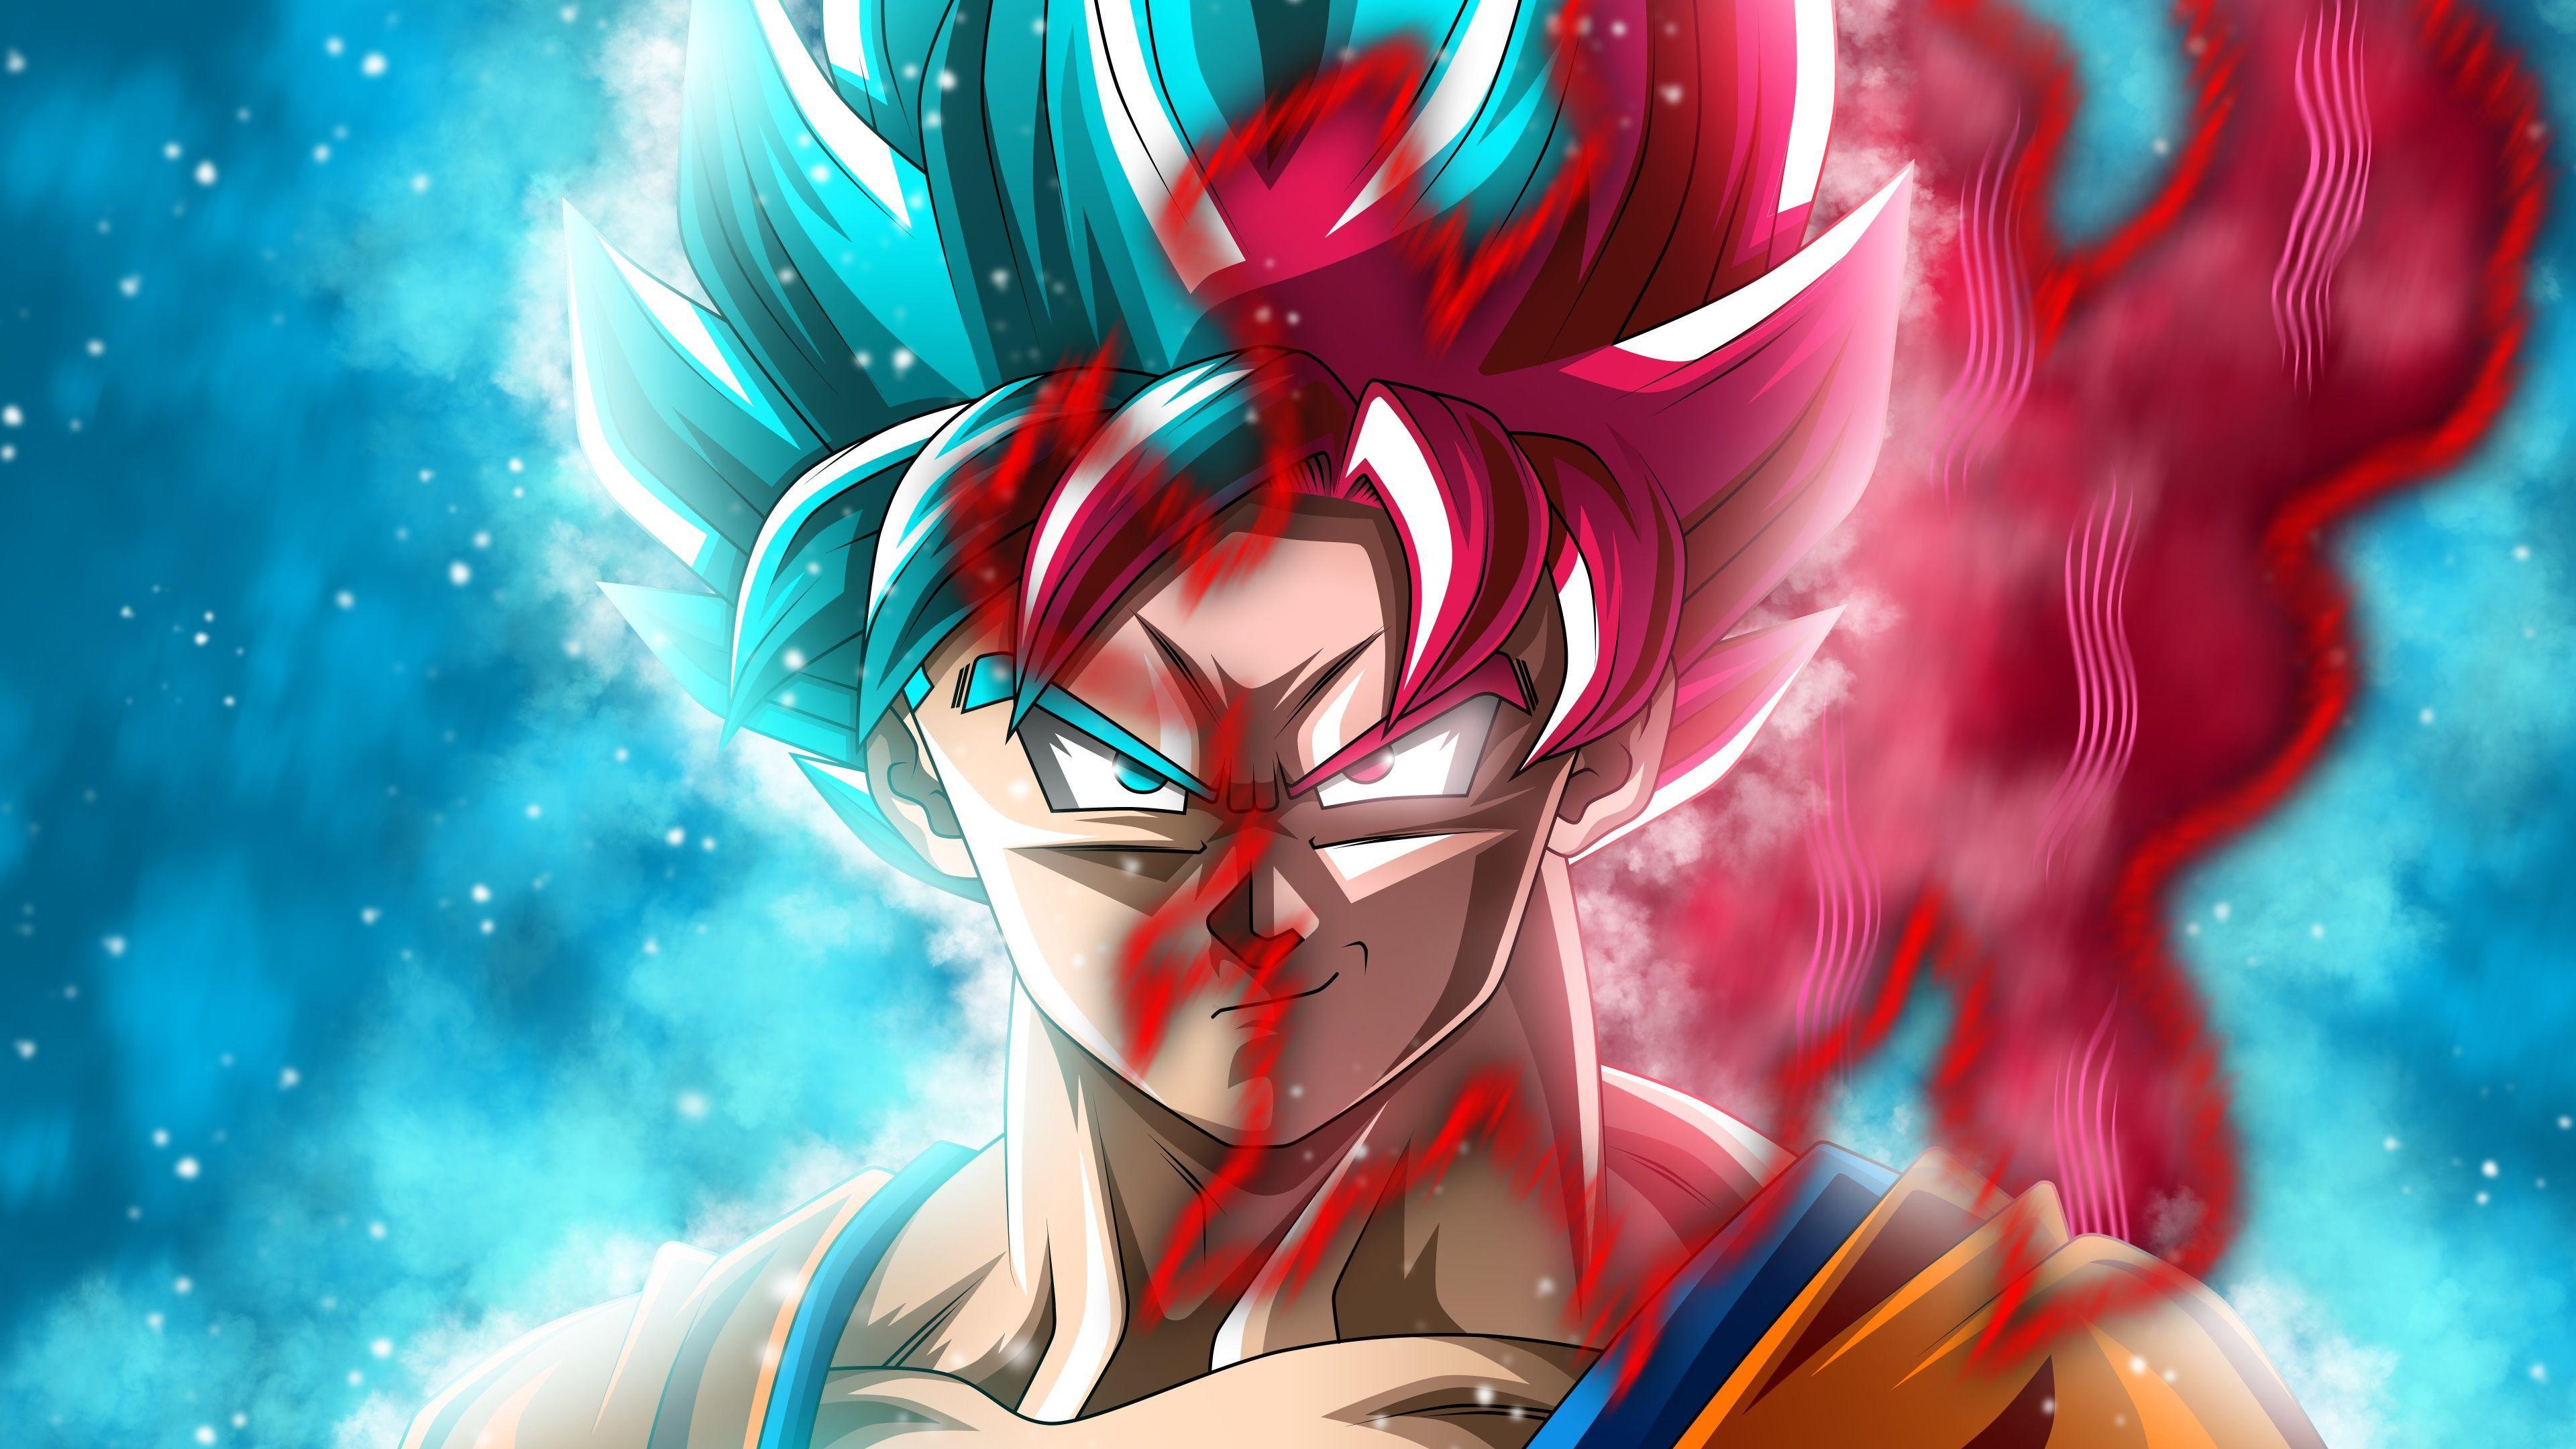 Wallpaper Dragon Ball 4k Freewallanime